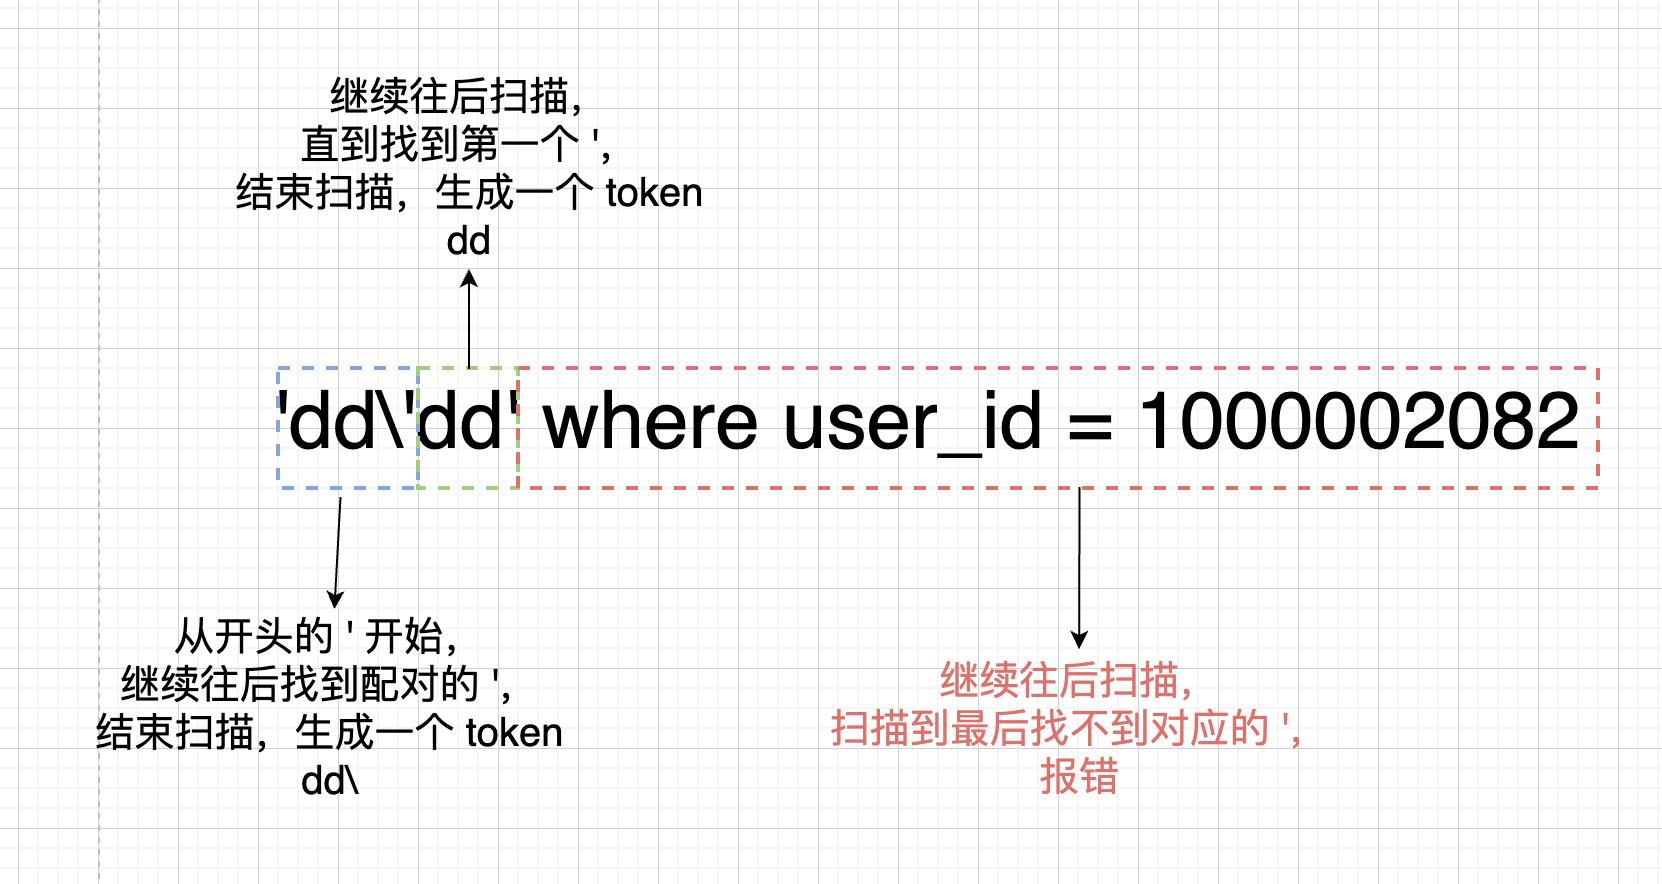 https://void.oss-cn-beijing.aliyuncs.com/img/20200327155726.png